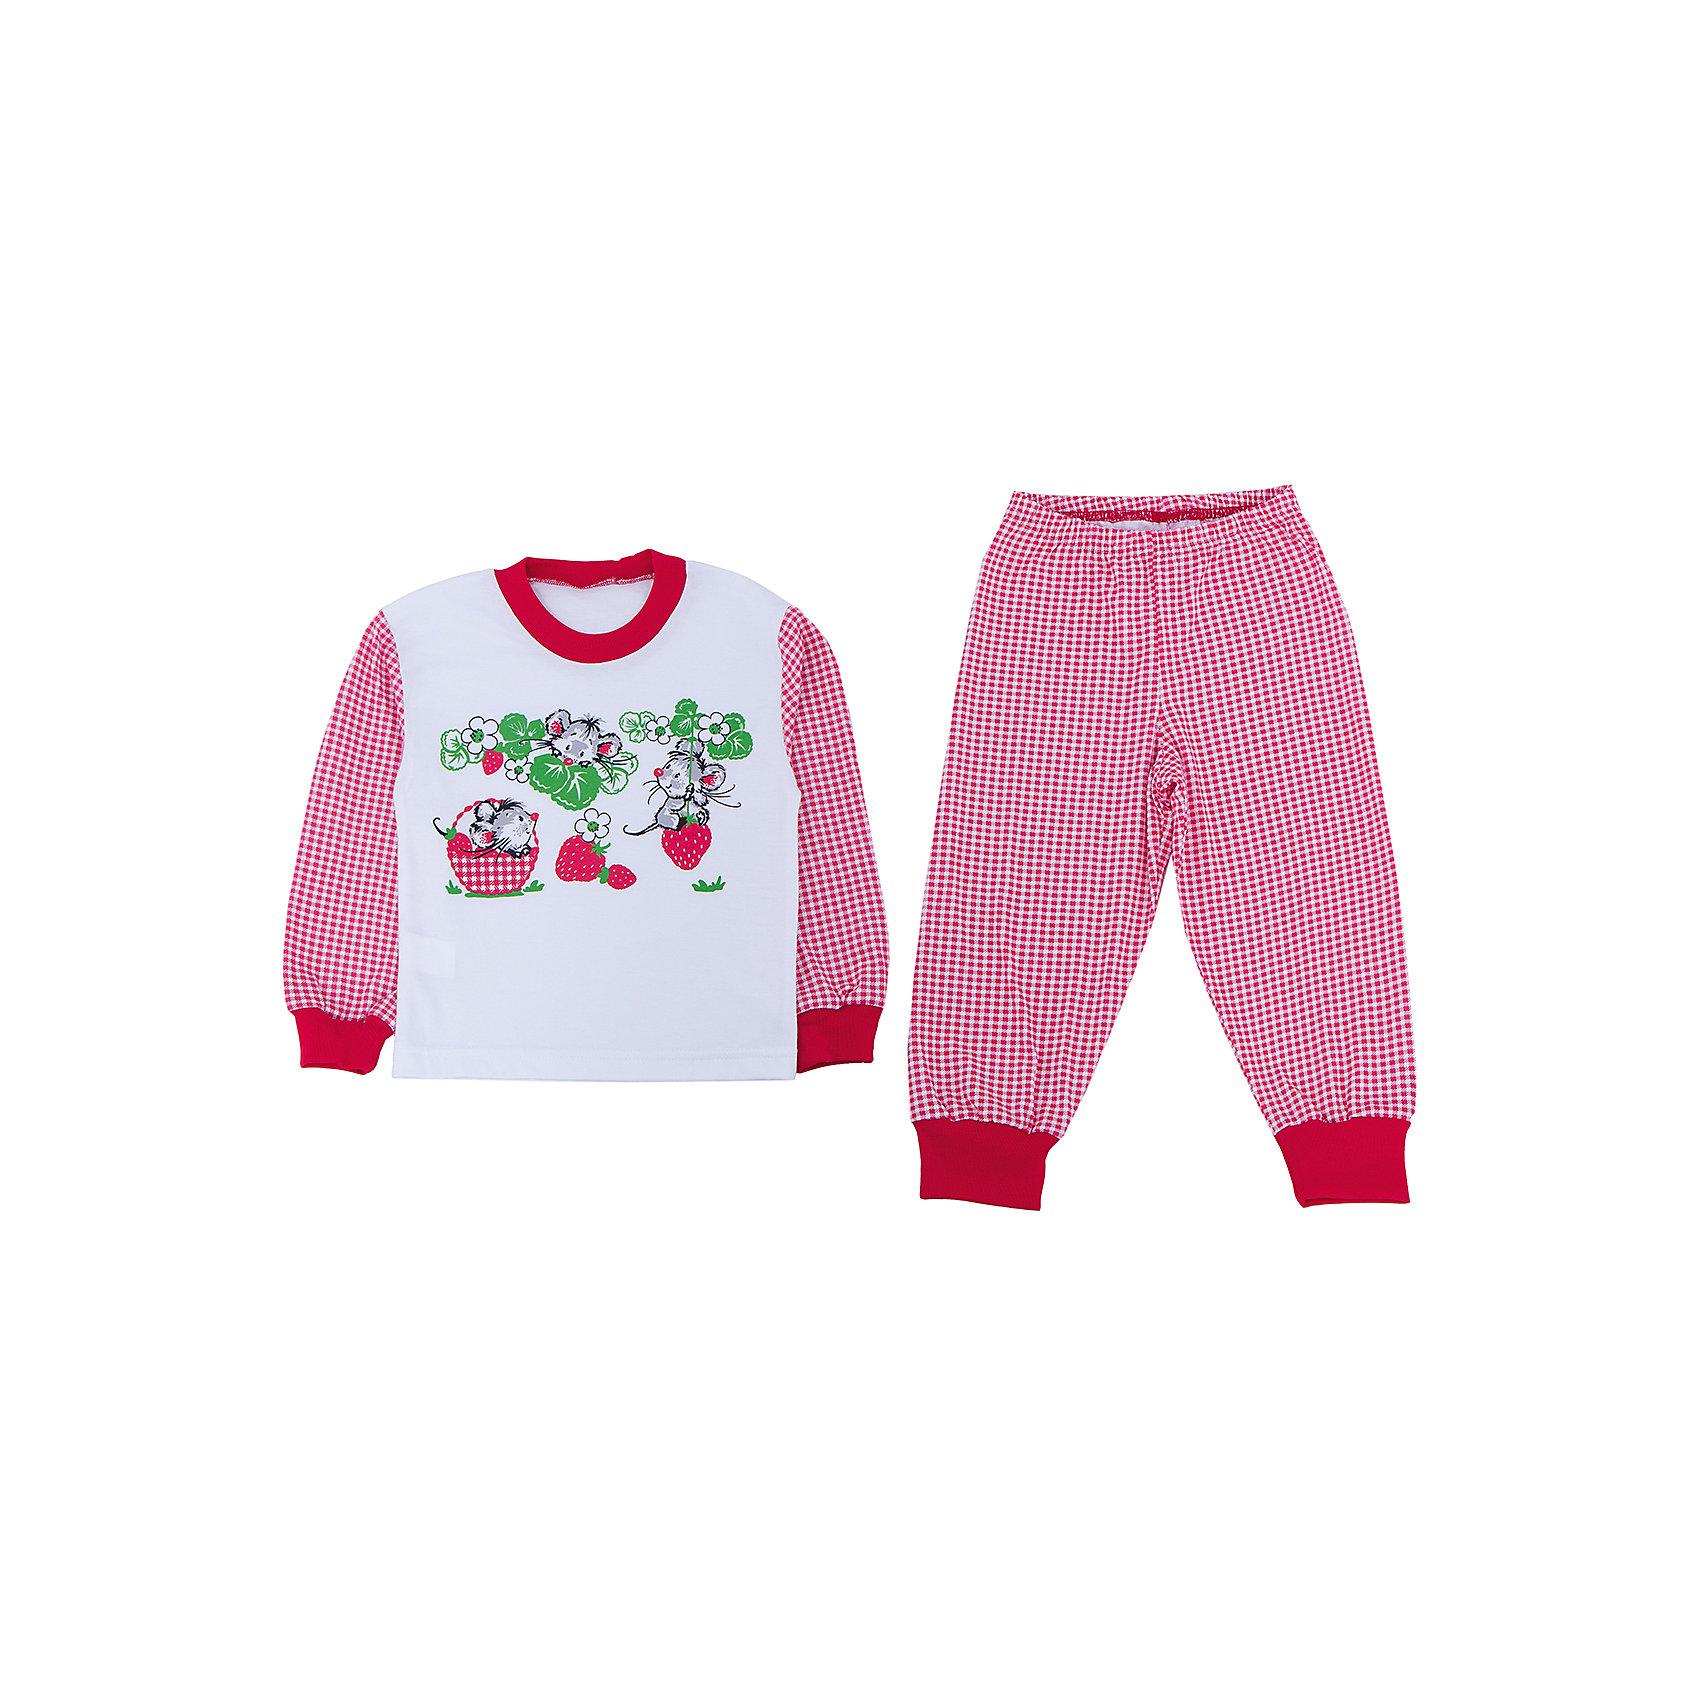 Пижама для девочки АпрельПижамы и сорочки<br>Пижама Апрель.<br><br>Характеристики:<br>• материал: хлопок<br>• цвет: белый<br><br>Яркая пижама от популярной марки Апрель выполнена из мягкого хлопка, приятного телу, что ребенок сможет оценить во время сна. Манжеты не позволят холодному воздуху проникнуть под одежду. Модель украшена ярким рисунком с мышками. В такой пижаме ваш ребенок увидит самые приятные и яркие сны!<br><br>Купить пижаму Апрель можно в нашем интернет-магазине.<br><br>Ширина мм: 281<br>Глубина мм: 70<br>Высота мм: 188<br>Вес г: 295<br>Цвет: белый/красный<br>Возраст от месяцев: 24<br>Возраст до месяцев: 36<br>Пол: Женский<br>Возраст: Детский<br>Размер: 104,110,116,92,98<br>SKU: 4936816